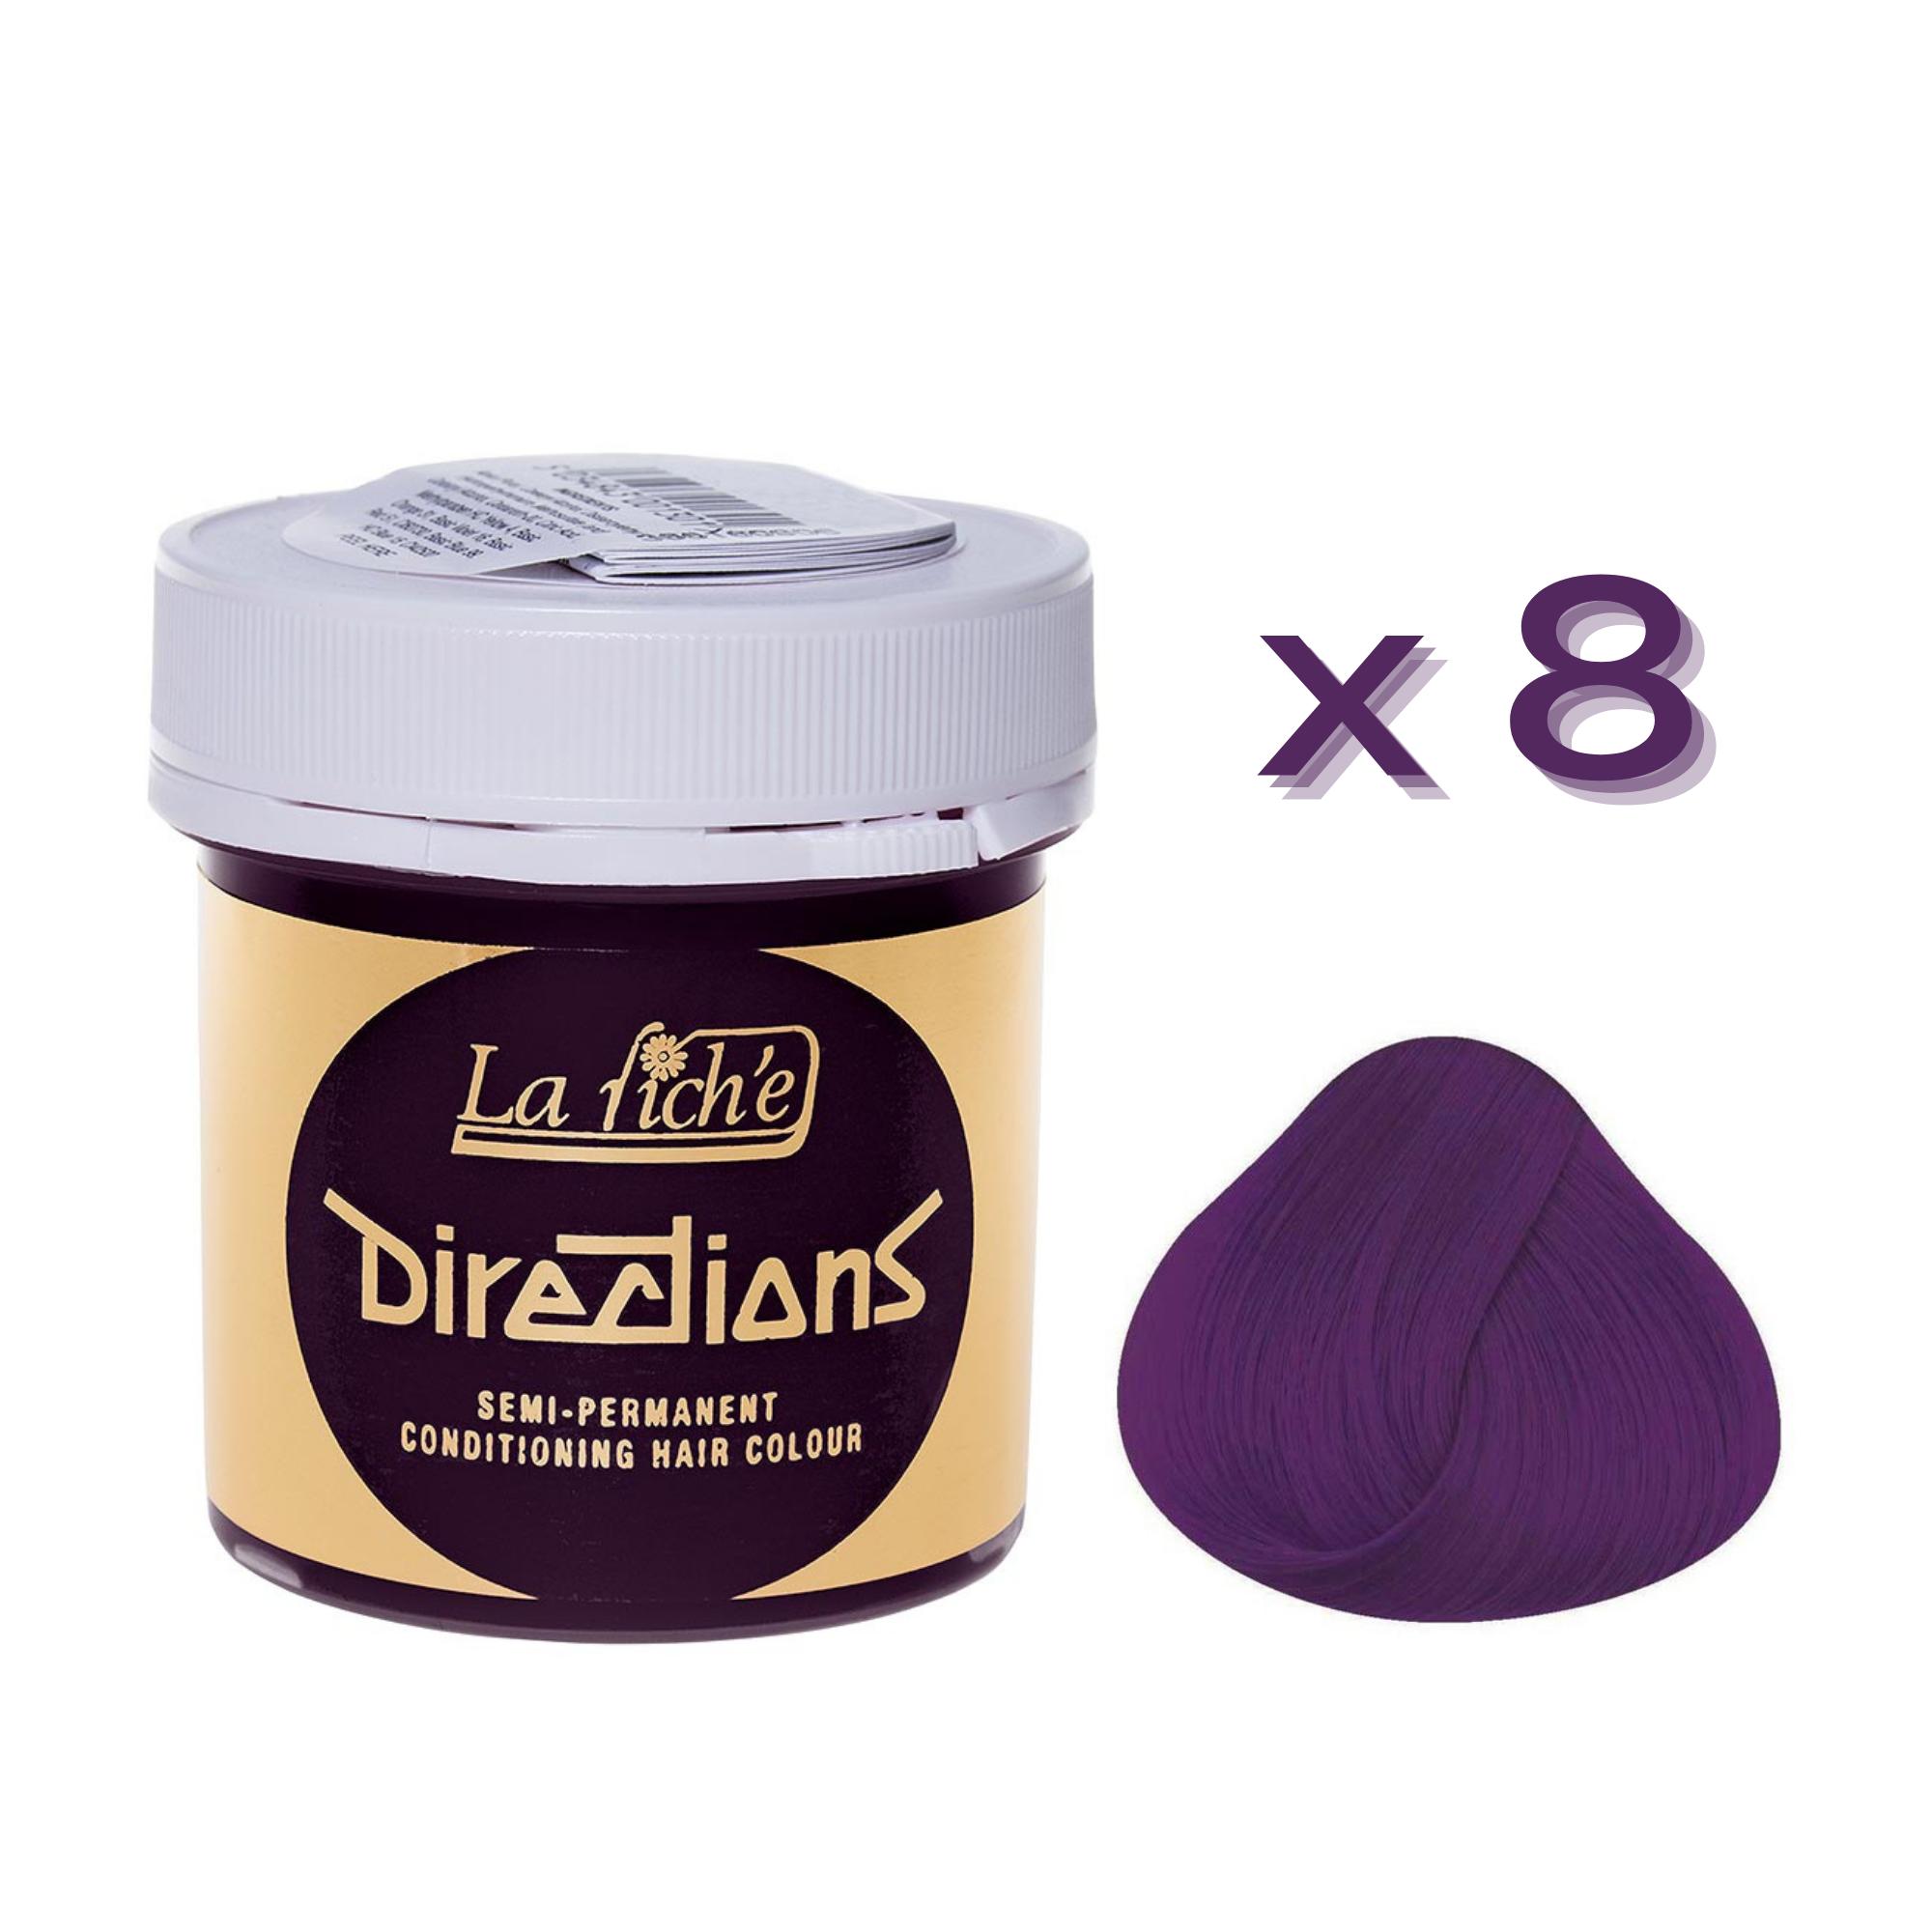 8 x La Riche Directions Semi-Permanent Hair Color 88ml Tubs - PLUM